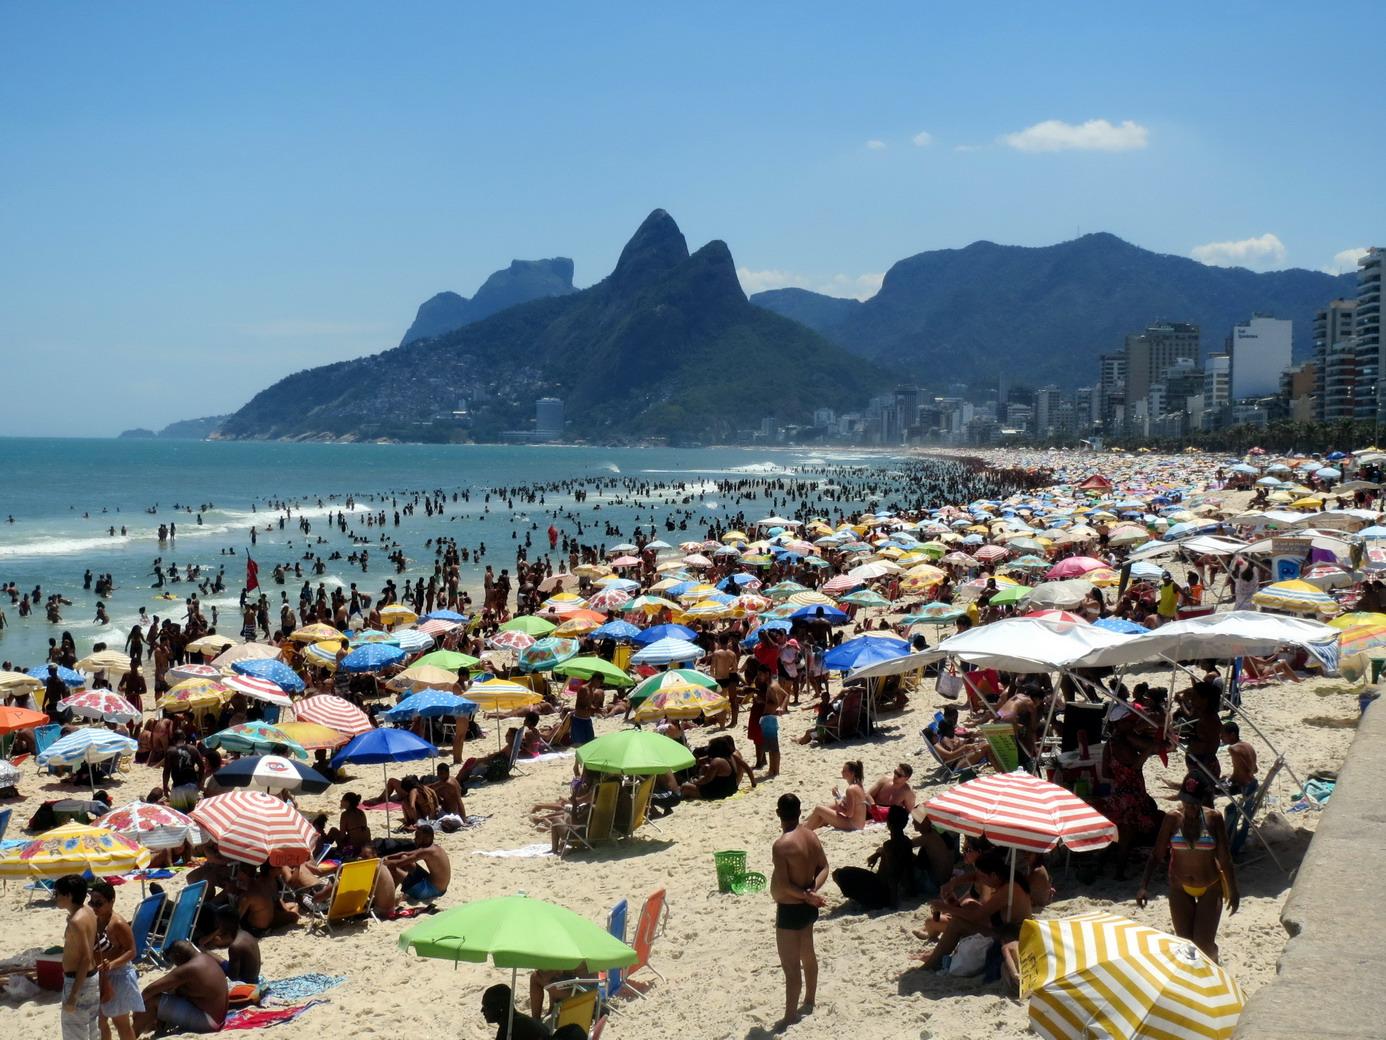 46. Plage d'Ipanema surpeuplée, il fait très chaud, tous les cariocas sont là